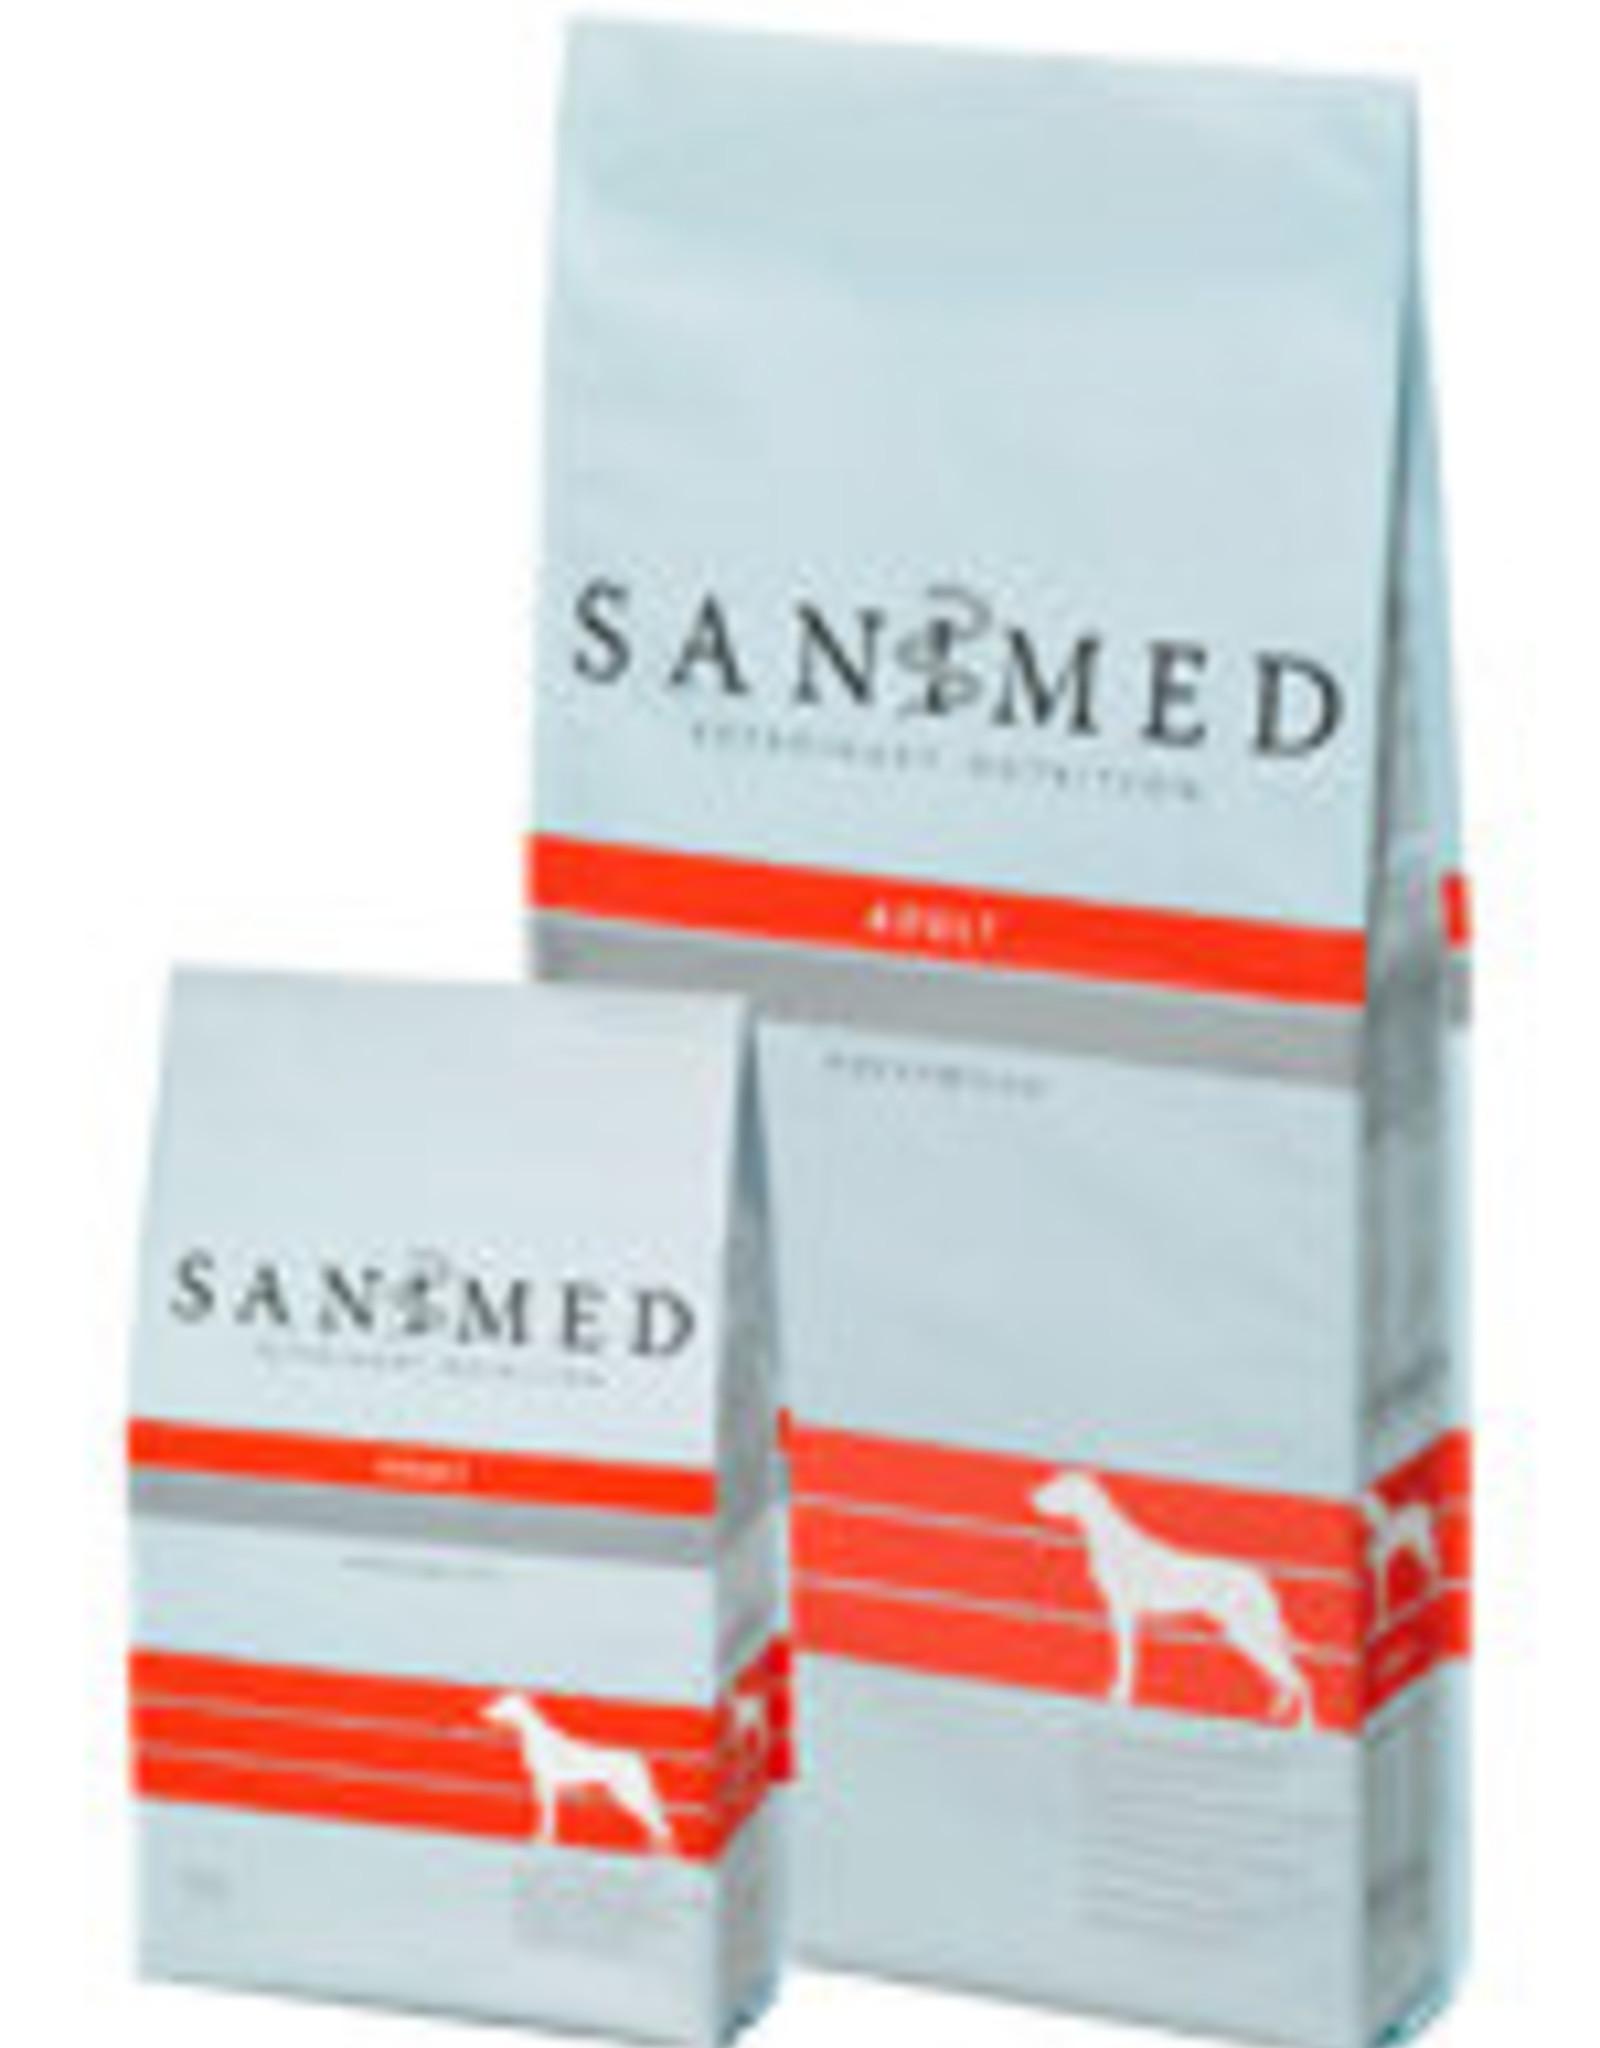 Sanimed Sanimed Preventive Hond Adult 12,5kg